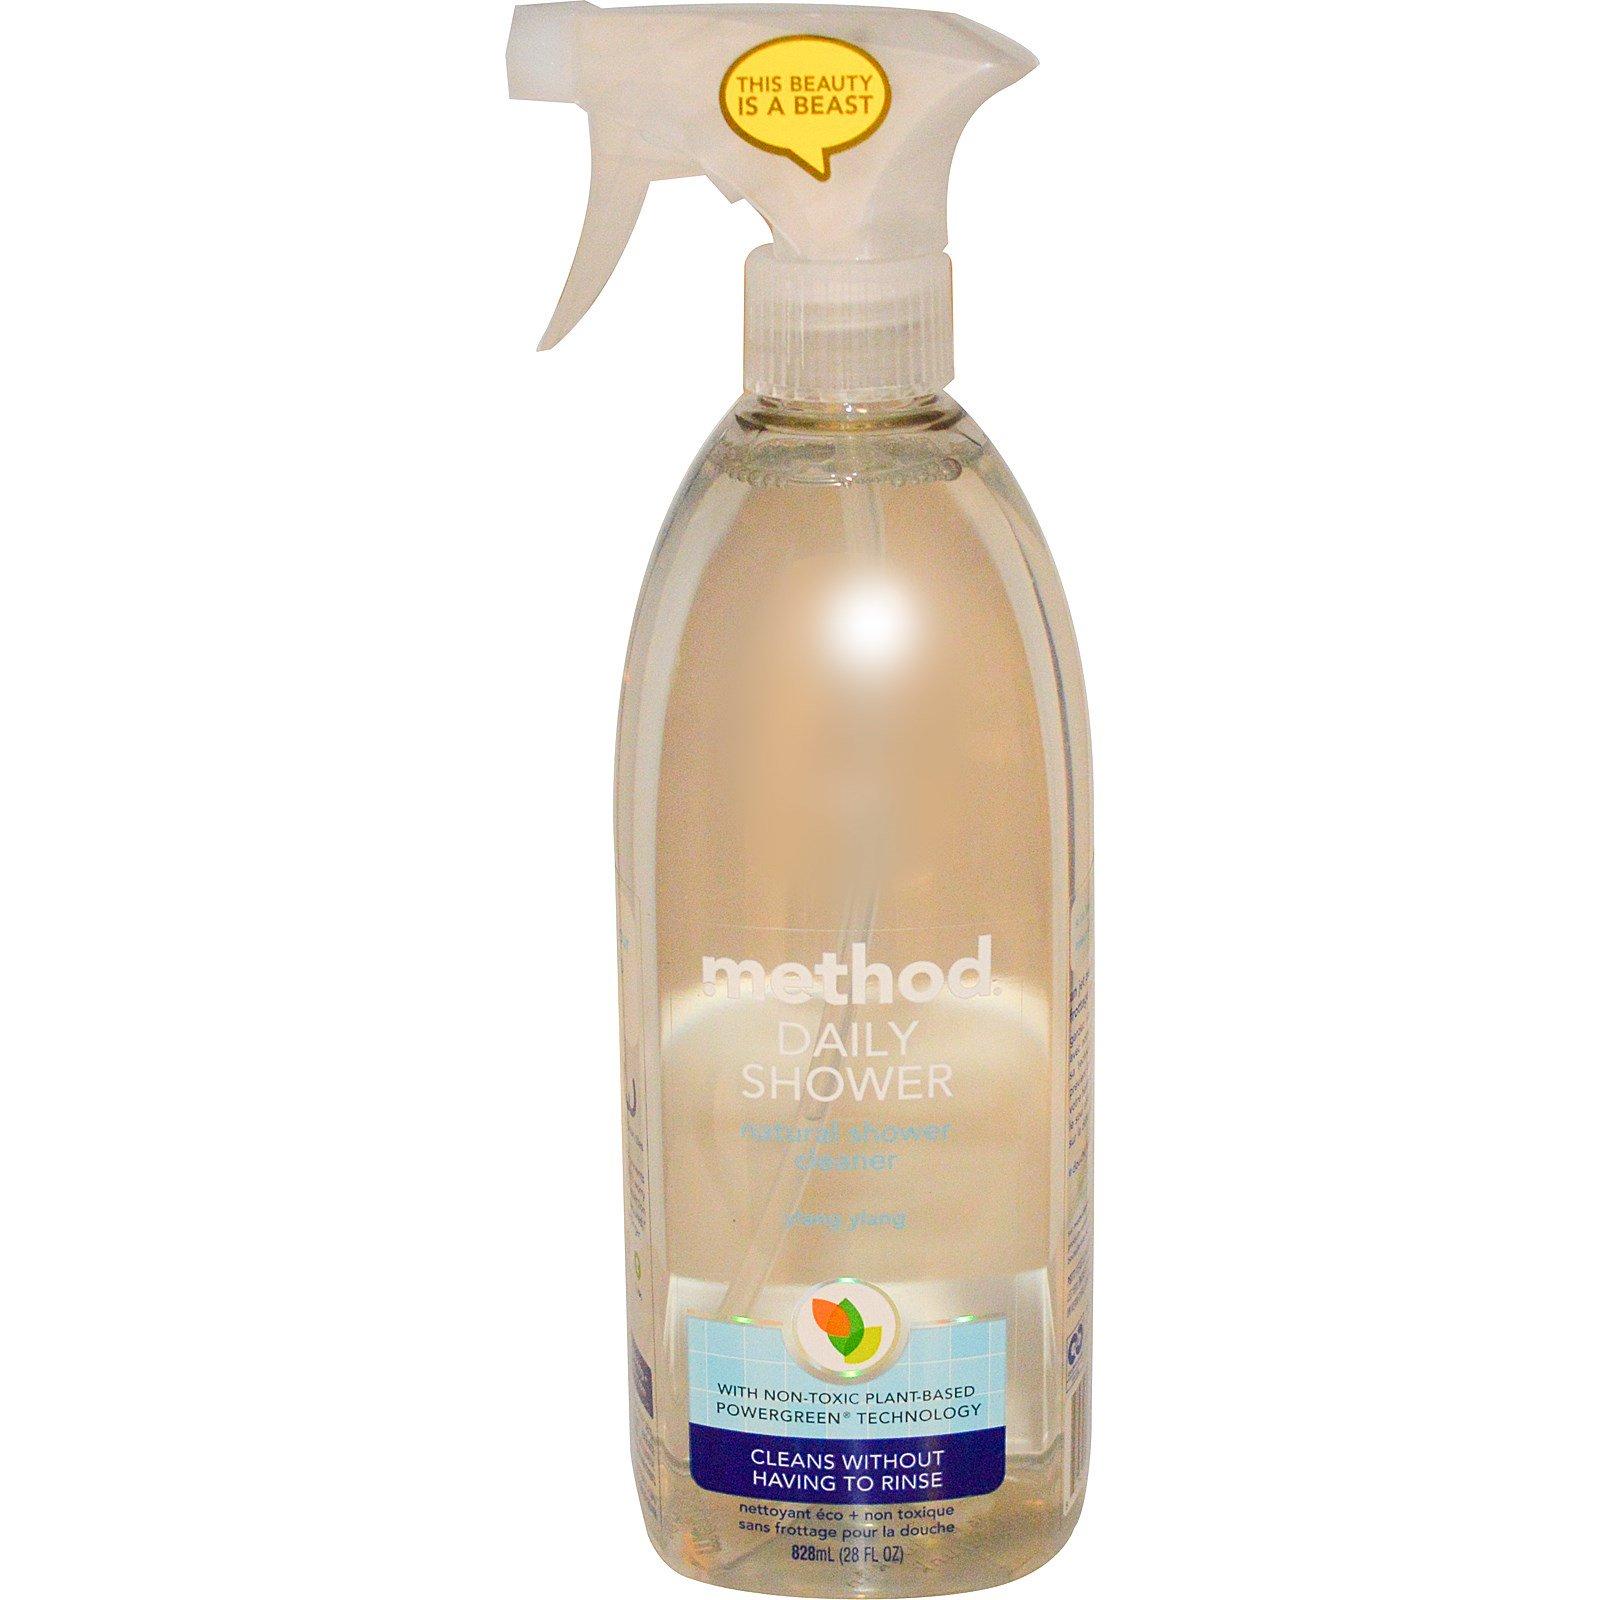 Beau Method, Daily Shower, Natural Shower Cleaner, Ylang Ylang, 28 Fl Oz (